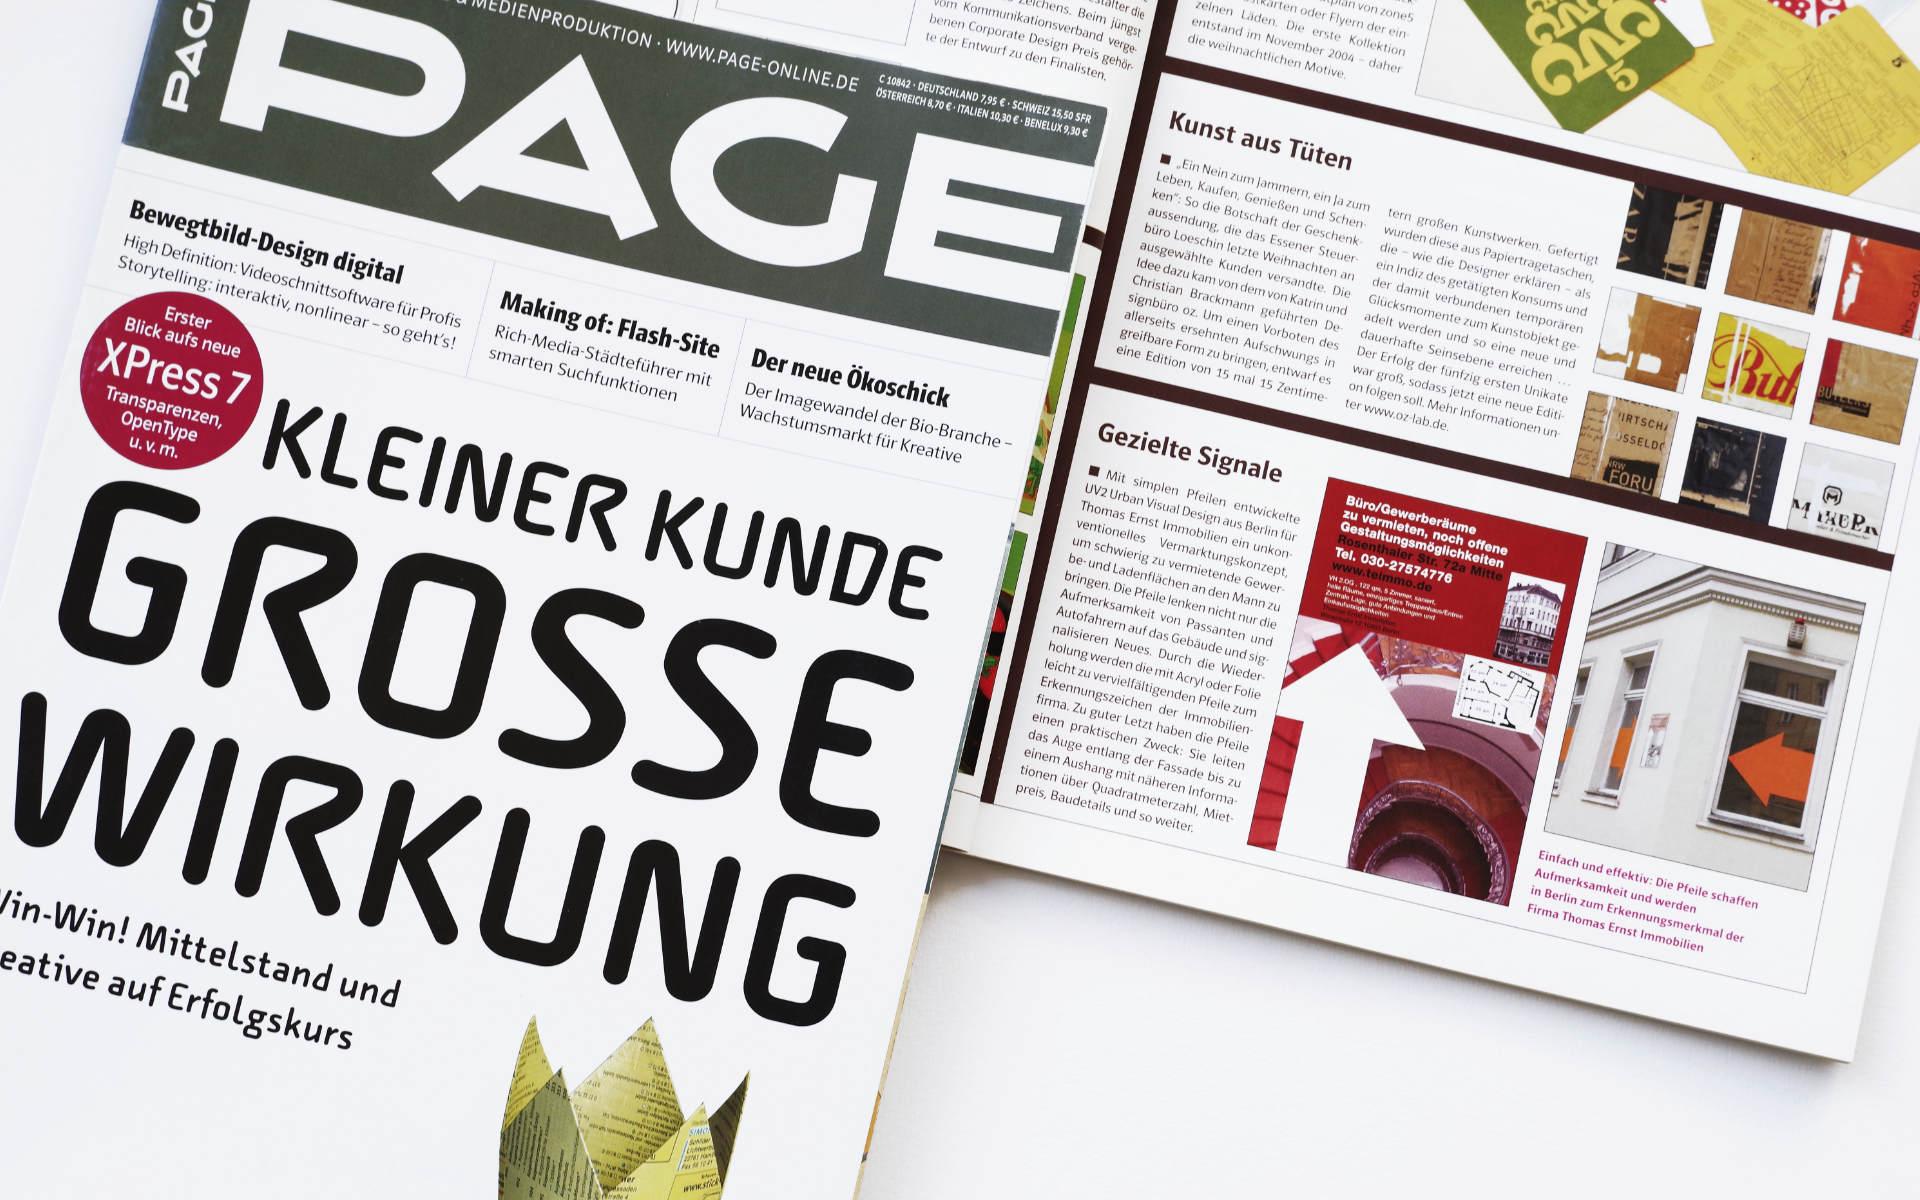 Page Design Beitrag